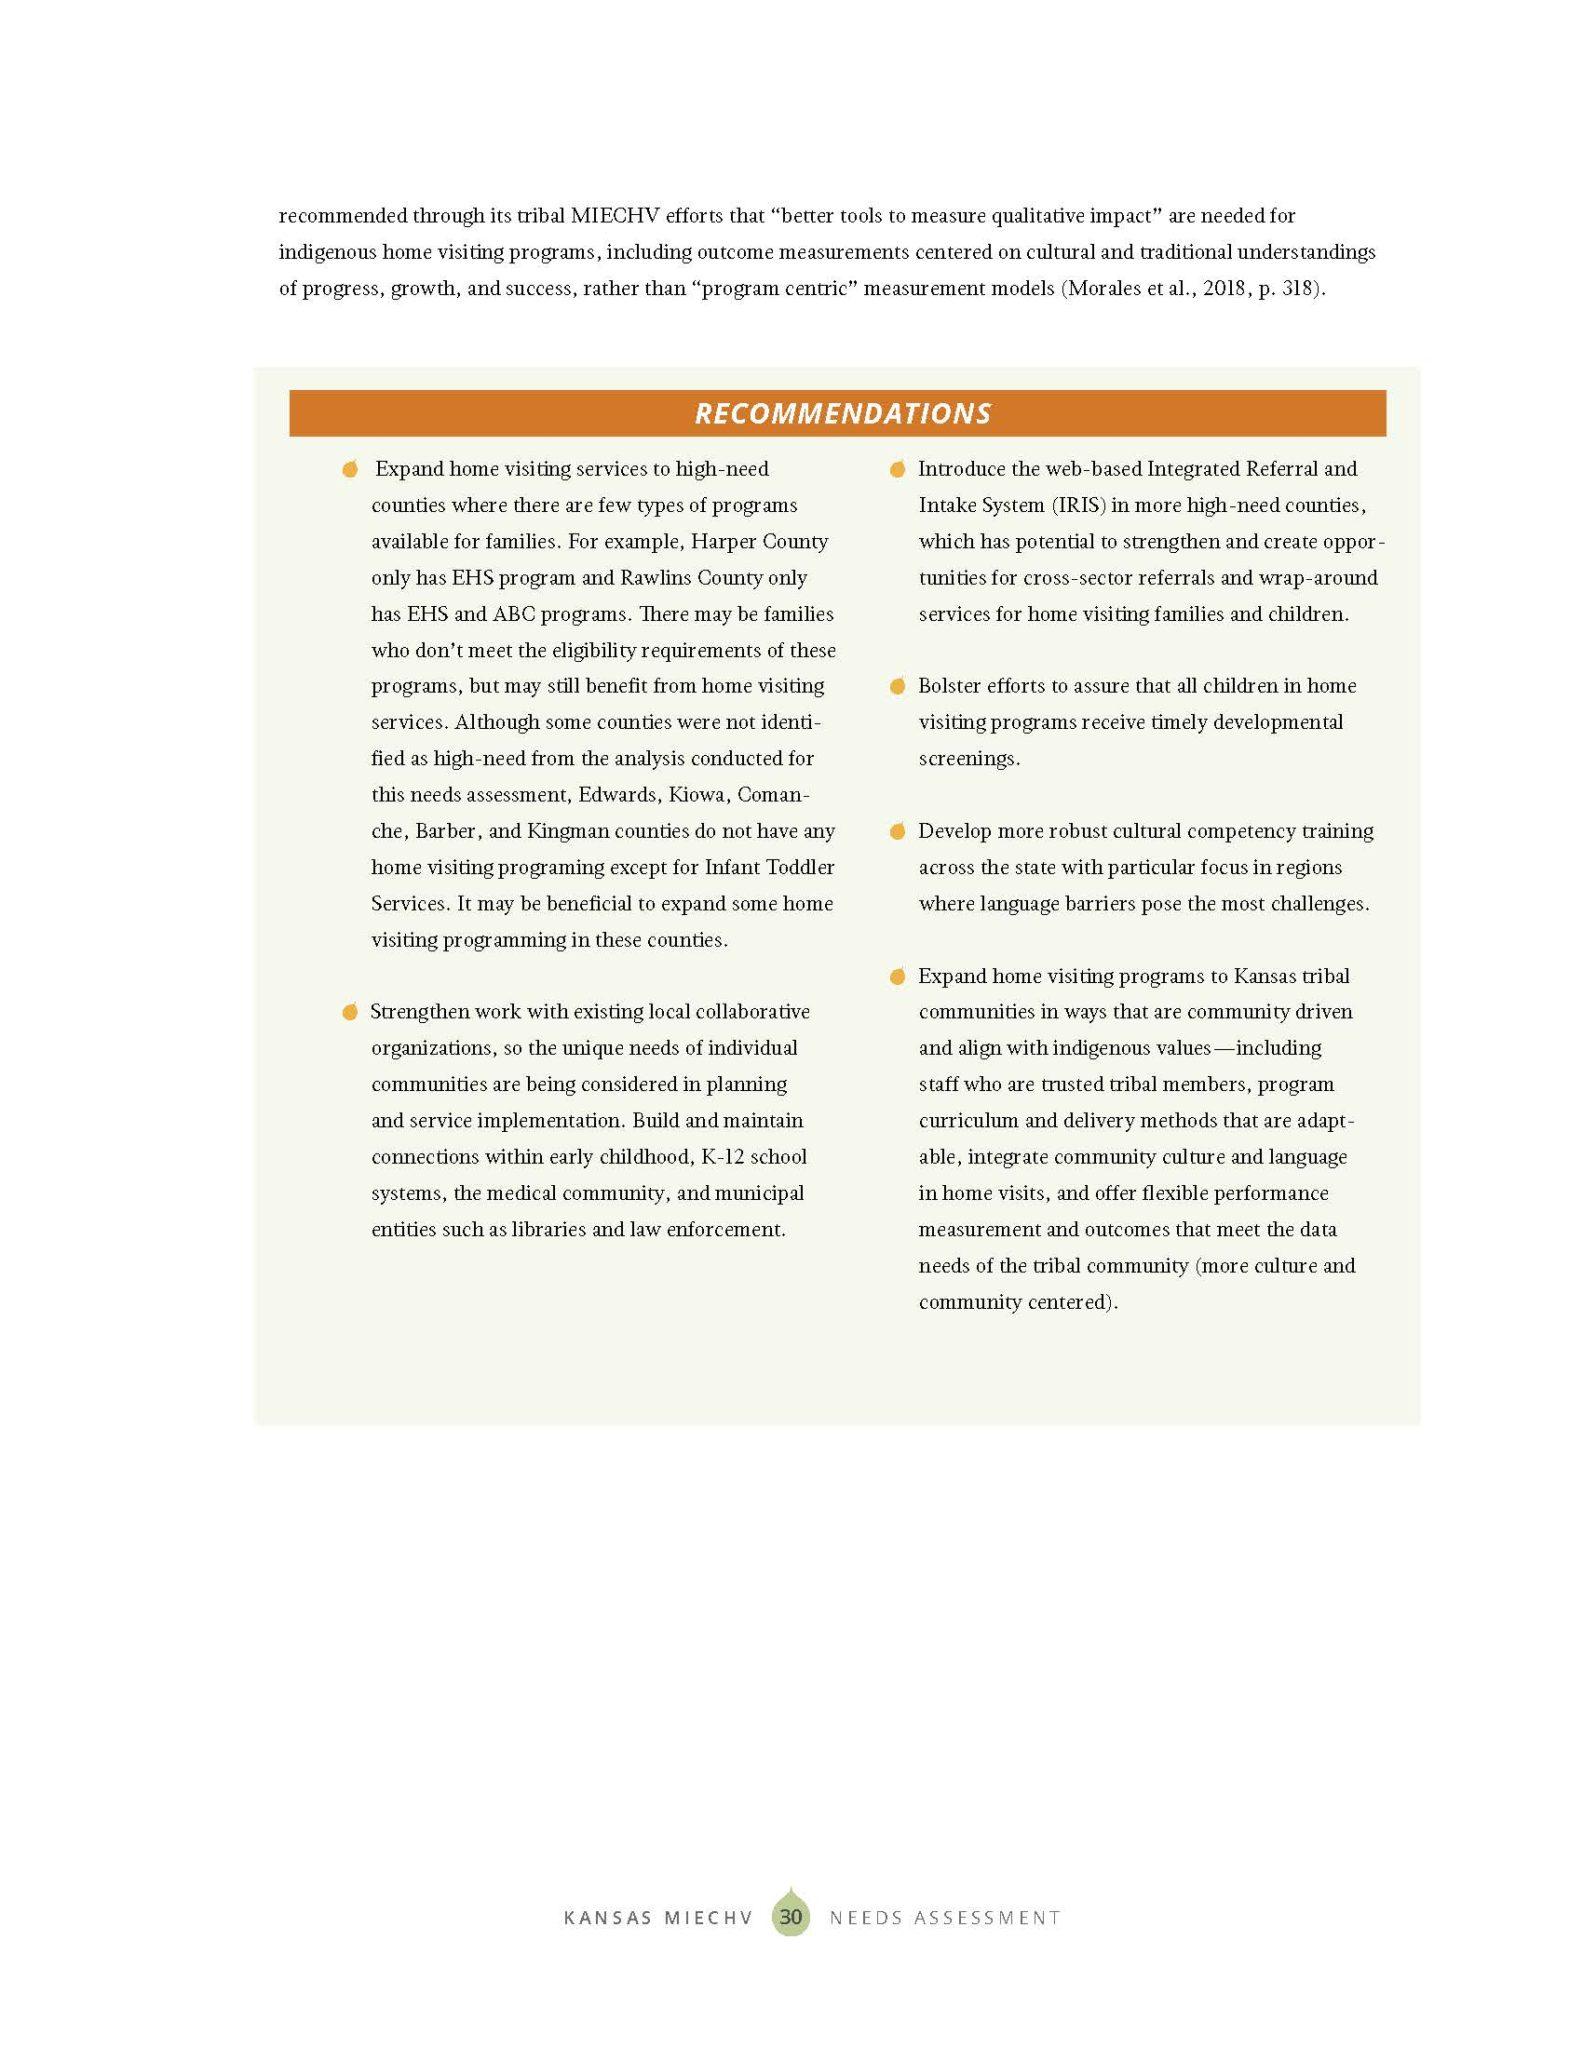 KS MIECHV 2020 Needs Assessment_DIGITAL_Page_038